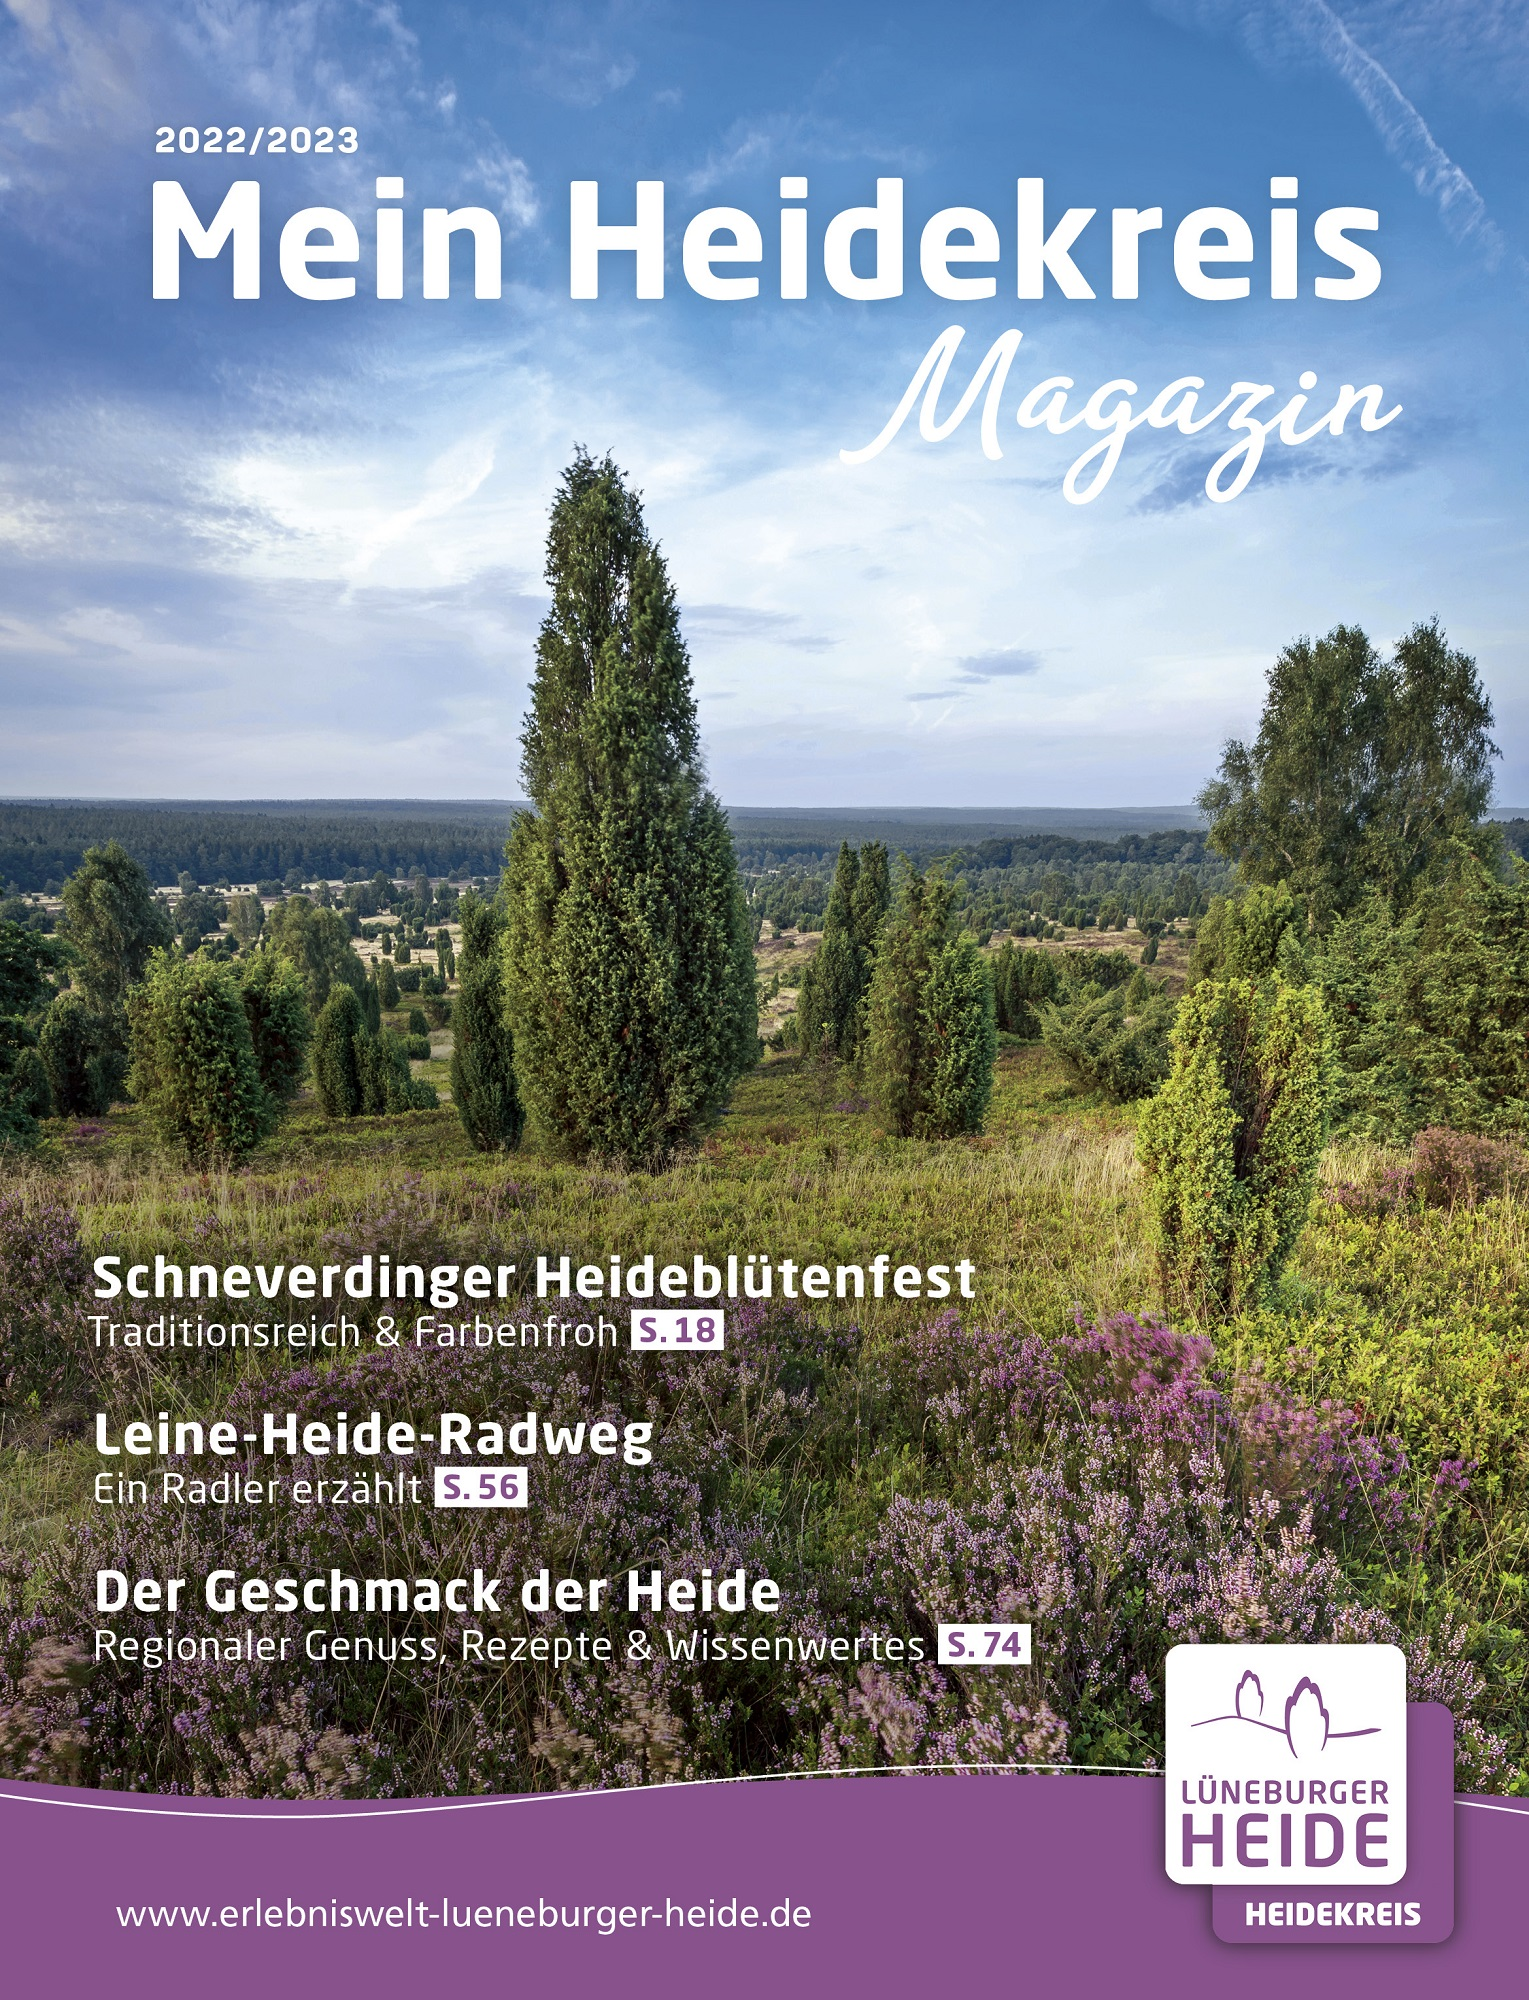 Aller-Leine-Tal - Aller-Leine-Tal - Das Unterkunftsverzeichnis 2017 (pdf)